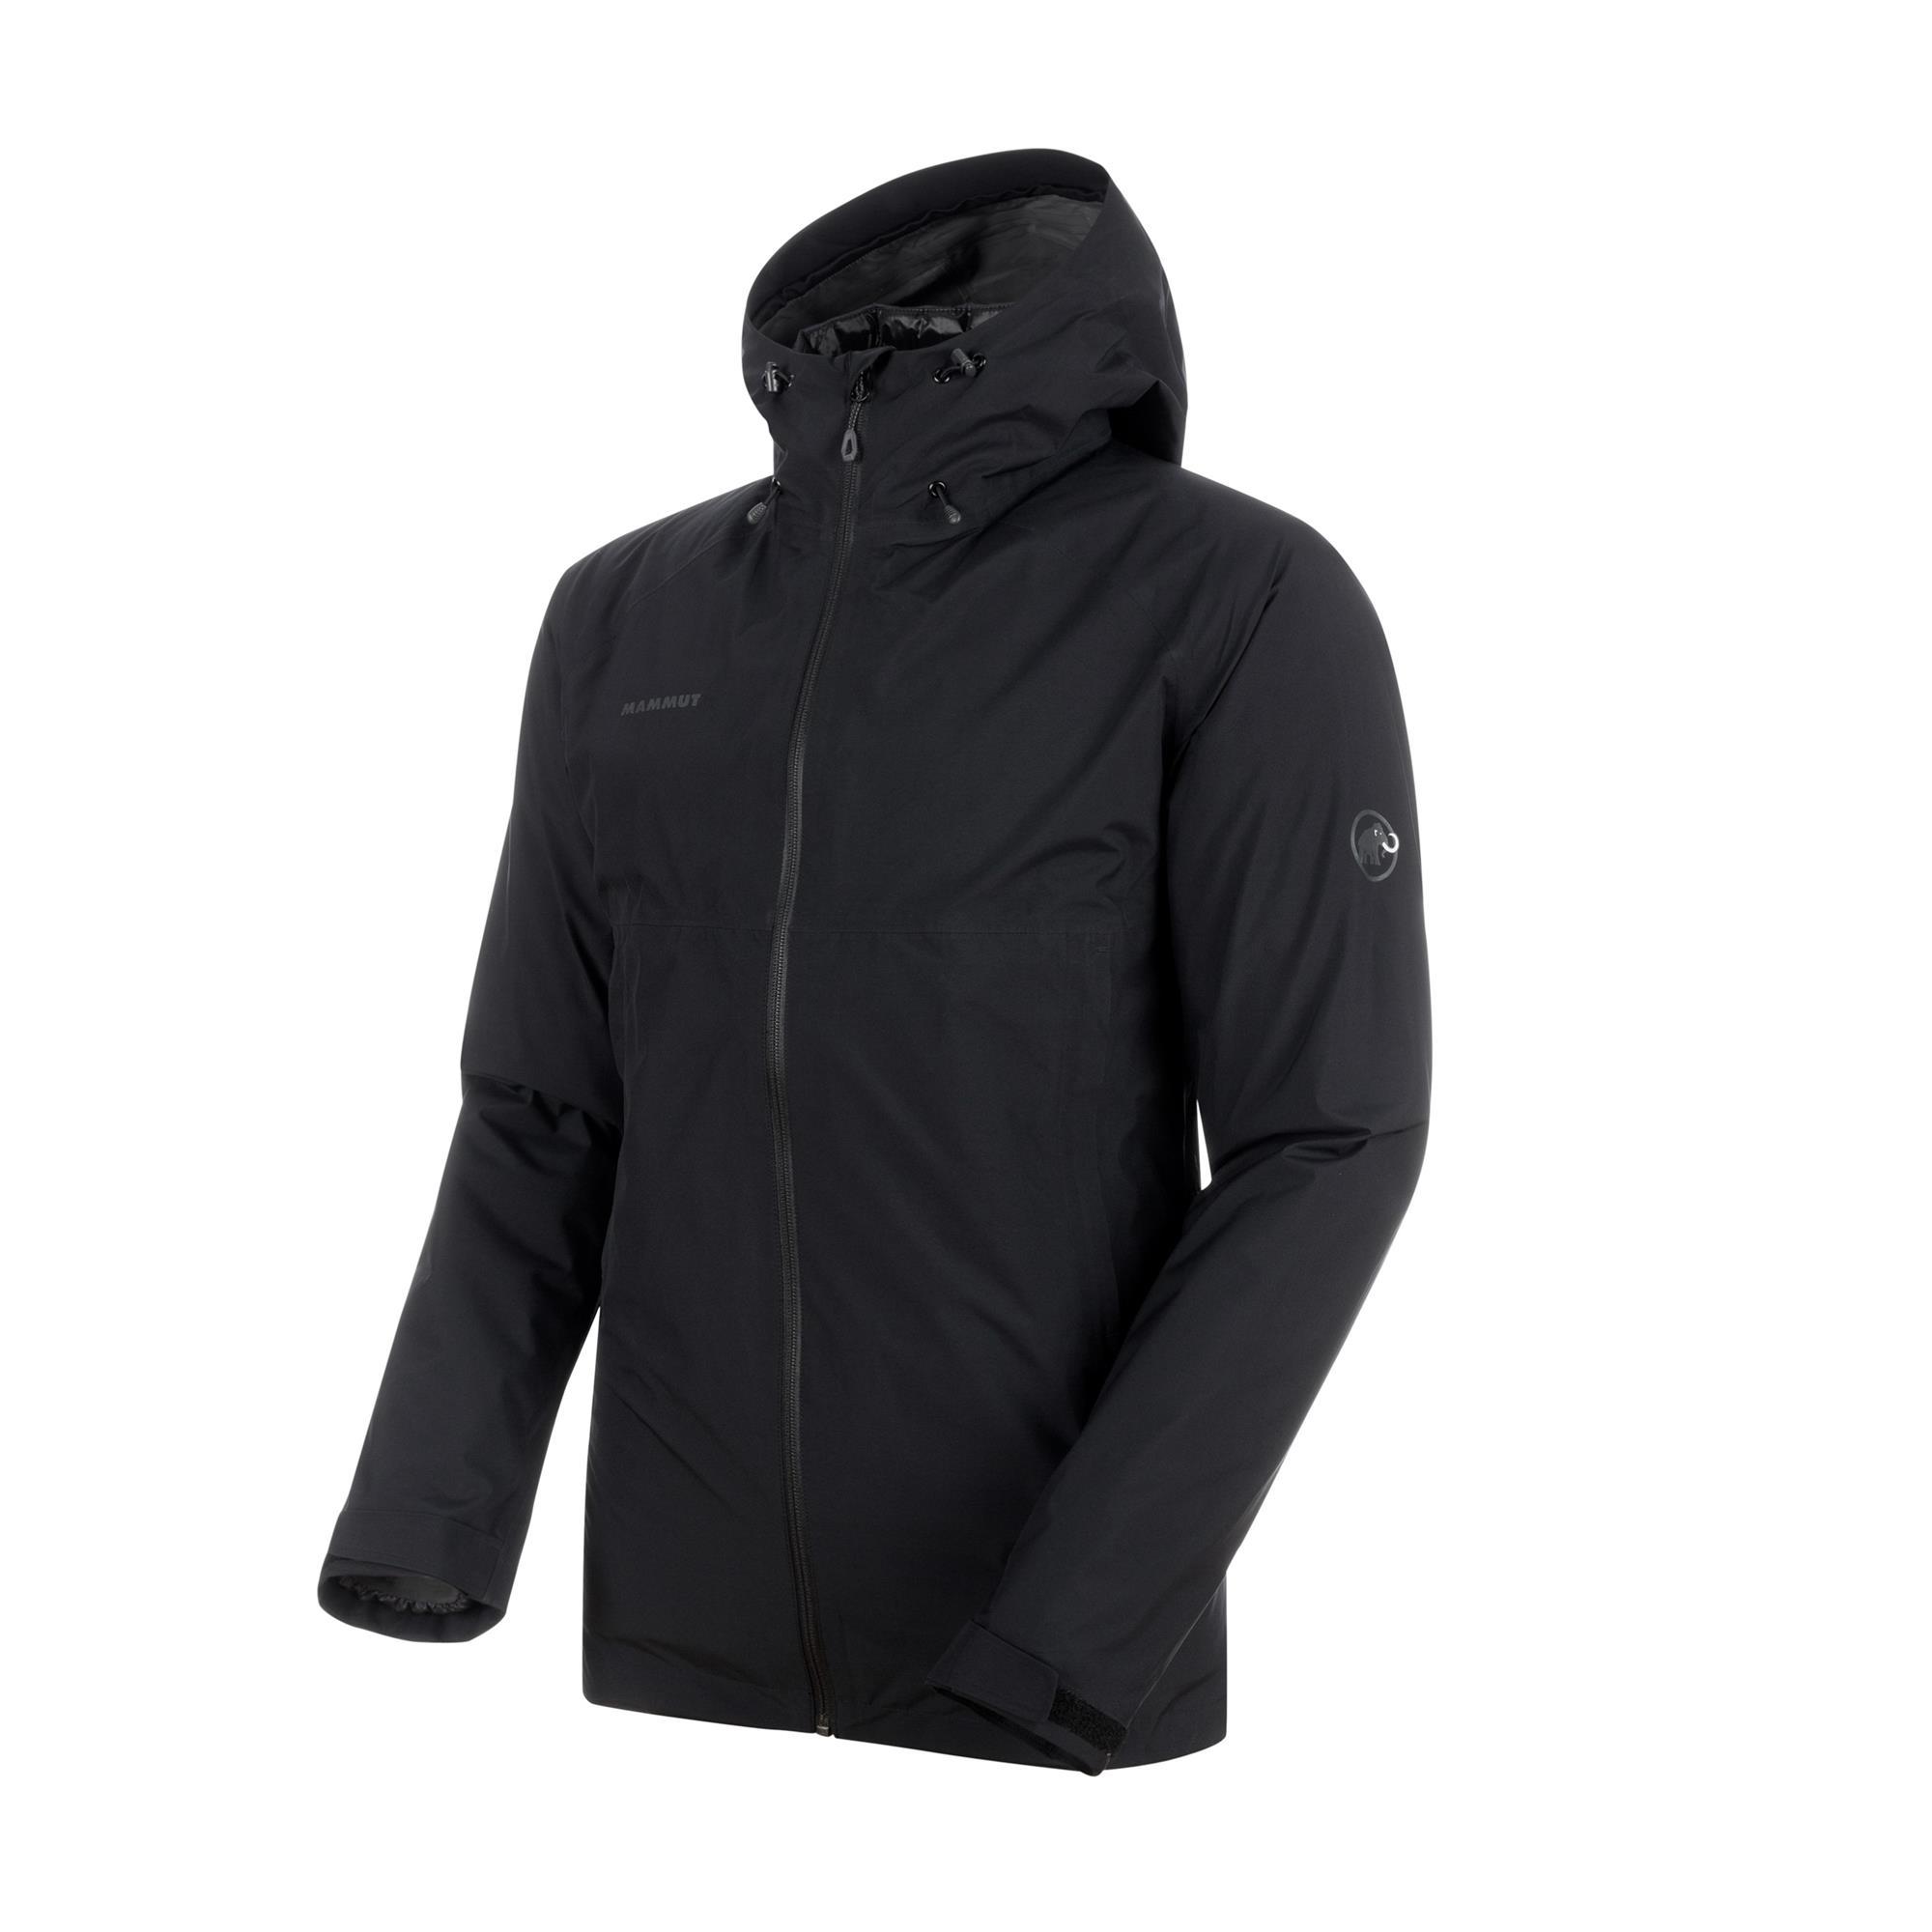 promo code 092c8 dae87 Convey 3 in 1 Hooded Jacket Men Herren Doppeljacke günstig kaufen |  doorout.com